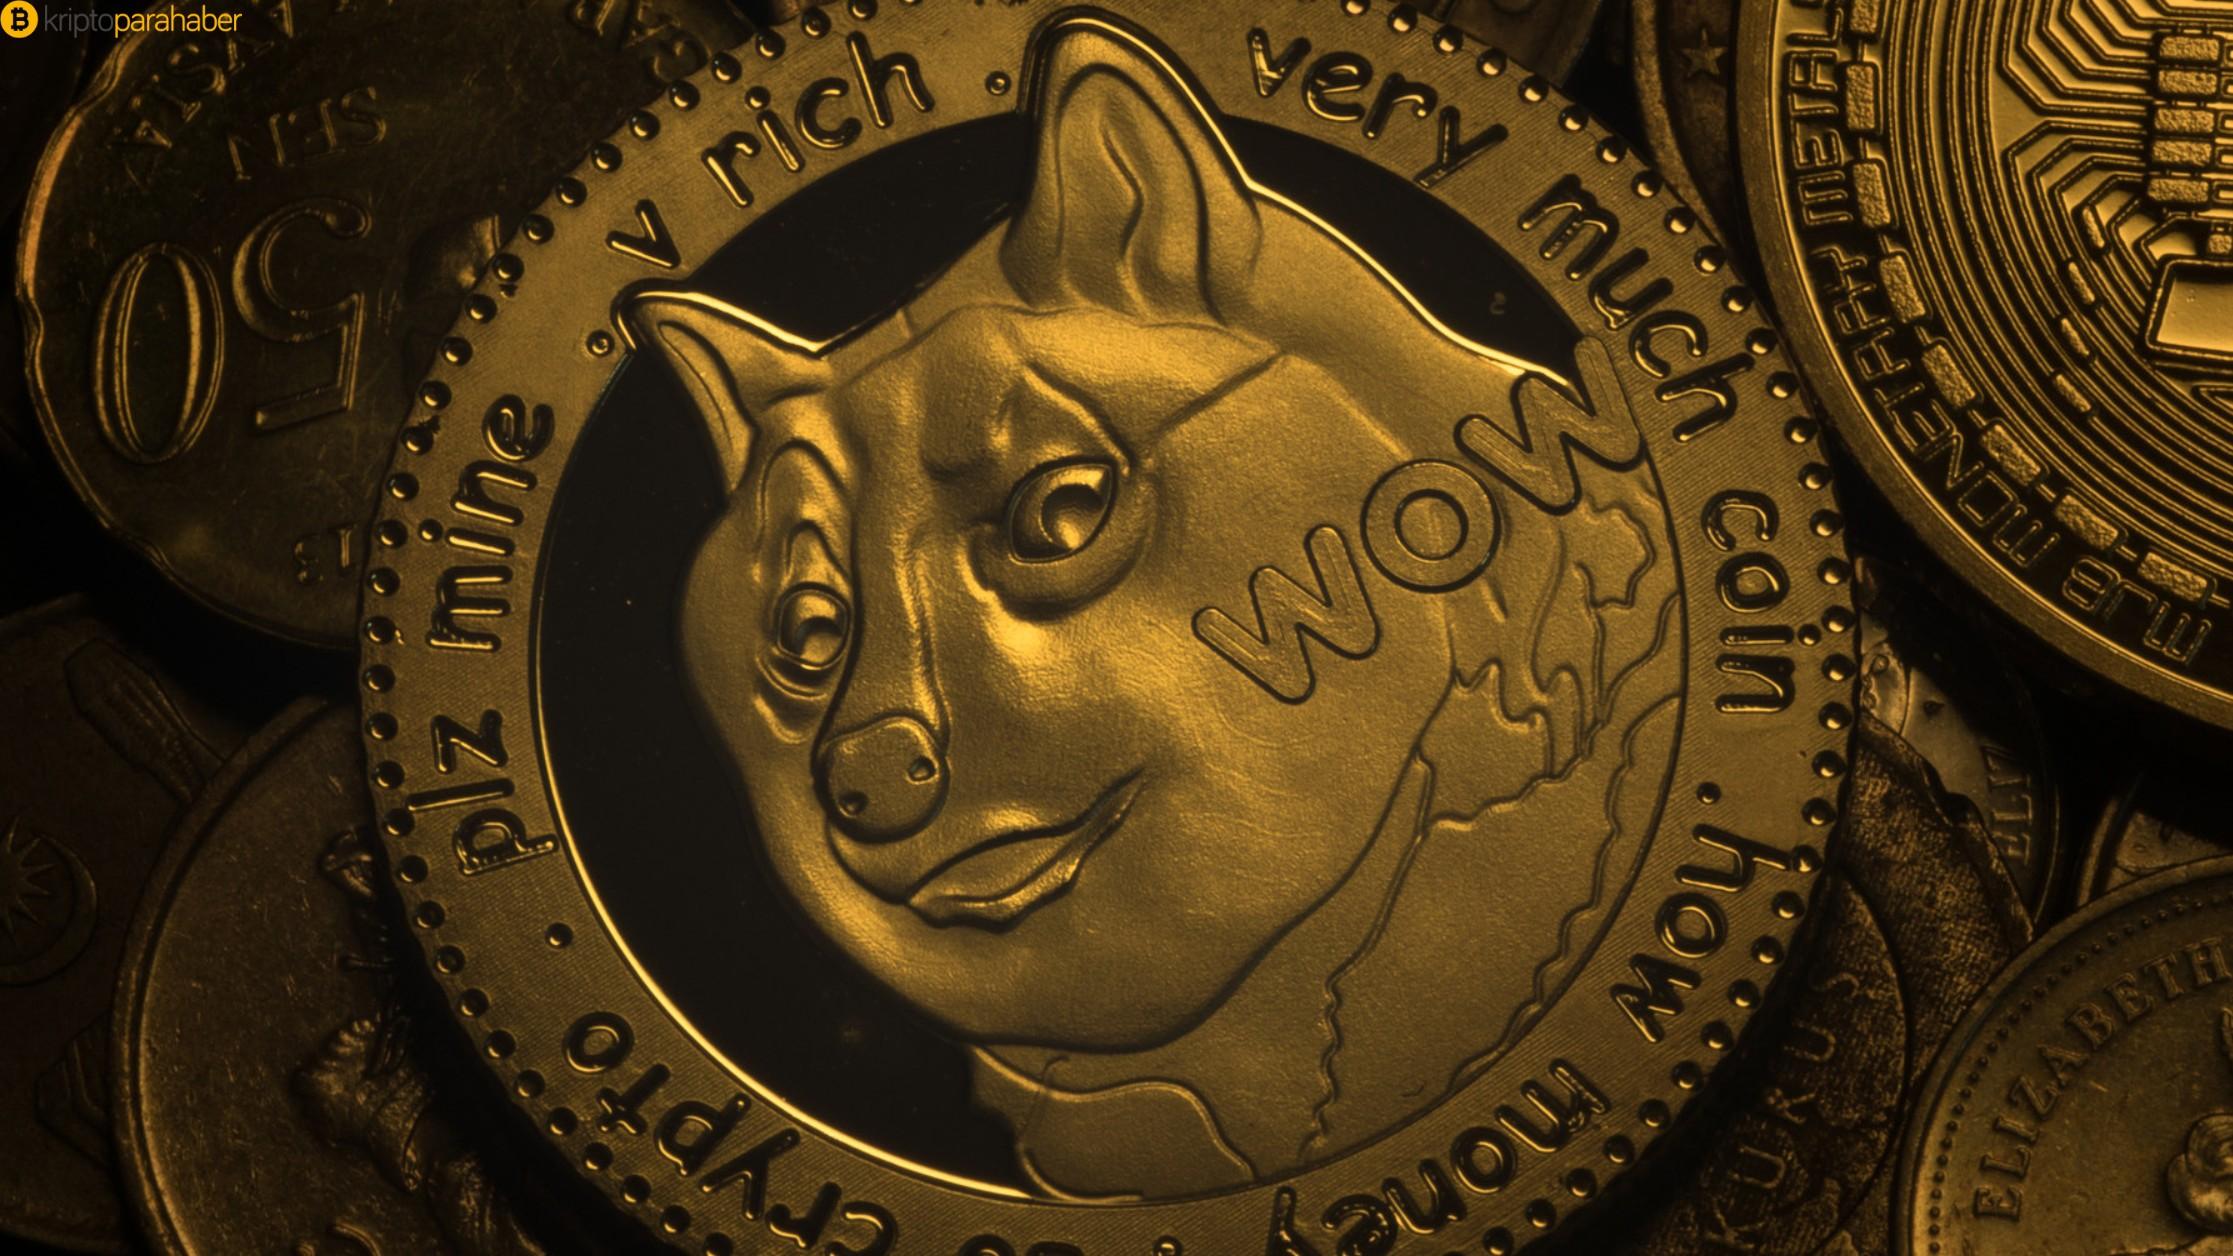 Flaş Gelişme: Dogecoin için imza toplanıyor! Fiyat nasıl etkilenecek?